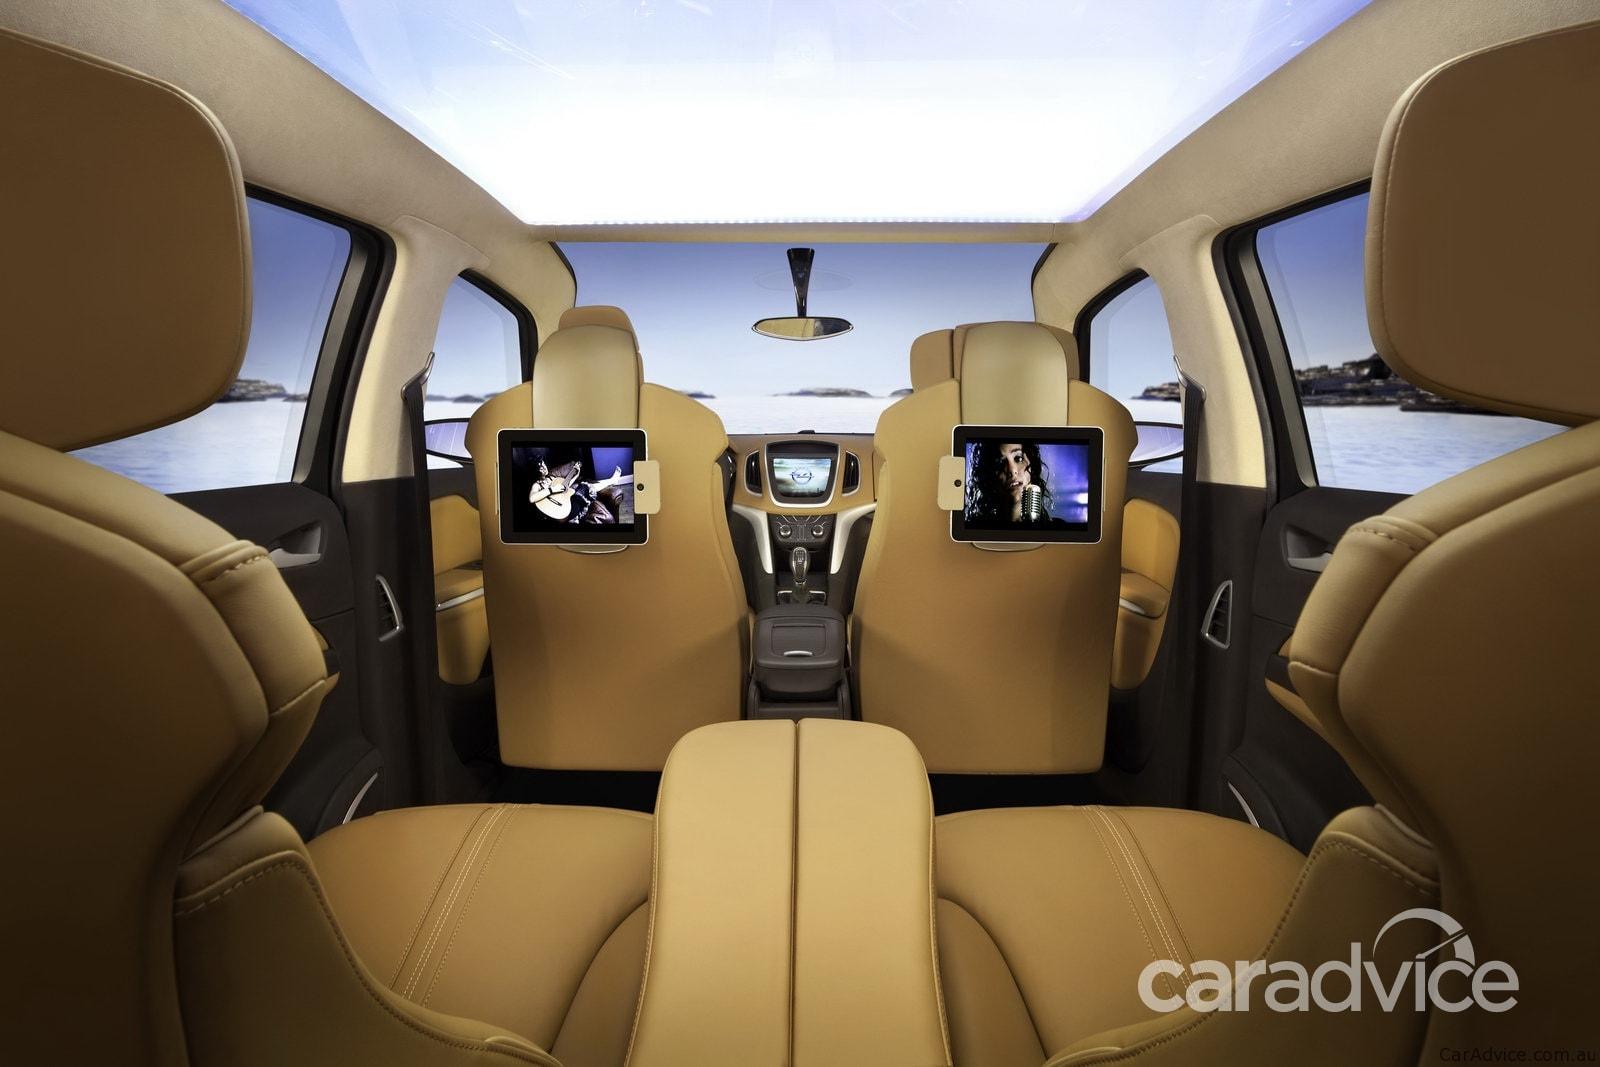 2011 Opel Zafira Tourer Concept Geneva preview | CarAdvice